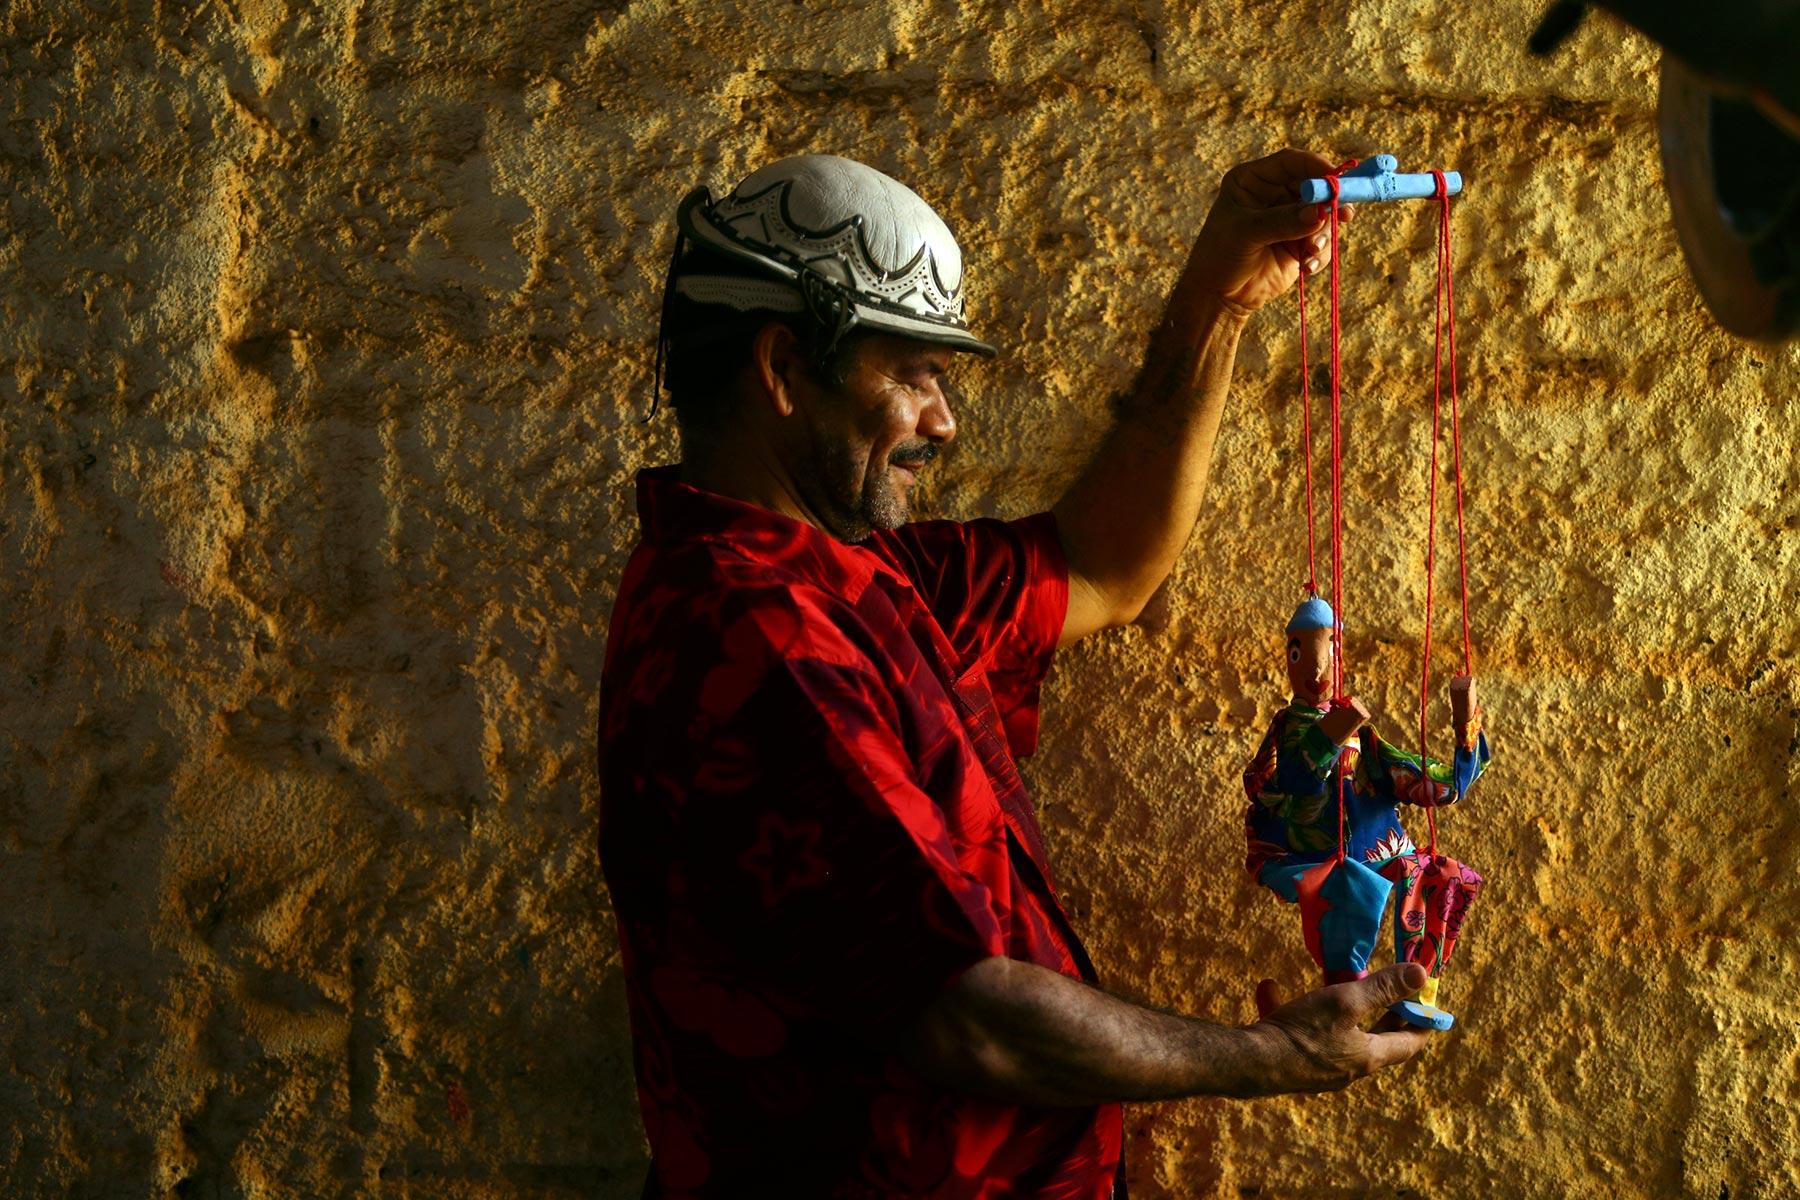 O artista popular Miro dos Bonecos examina uma de suas marionetes, feita com chita   e madeira de mulungu